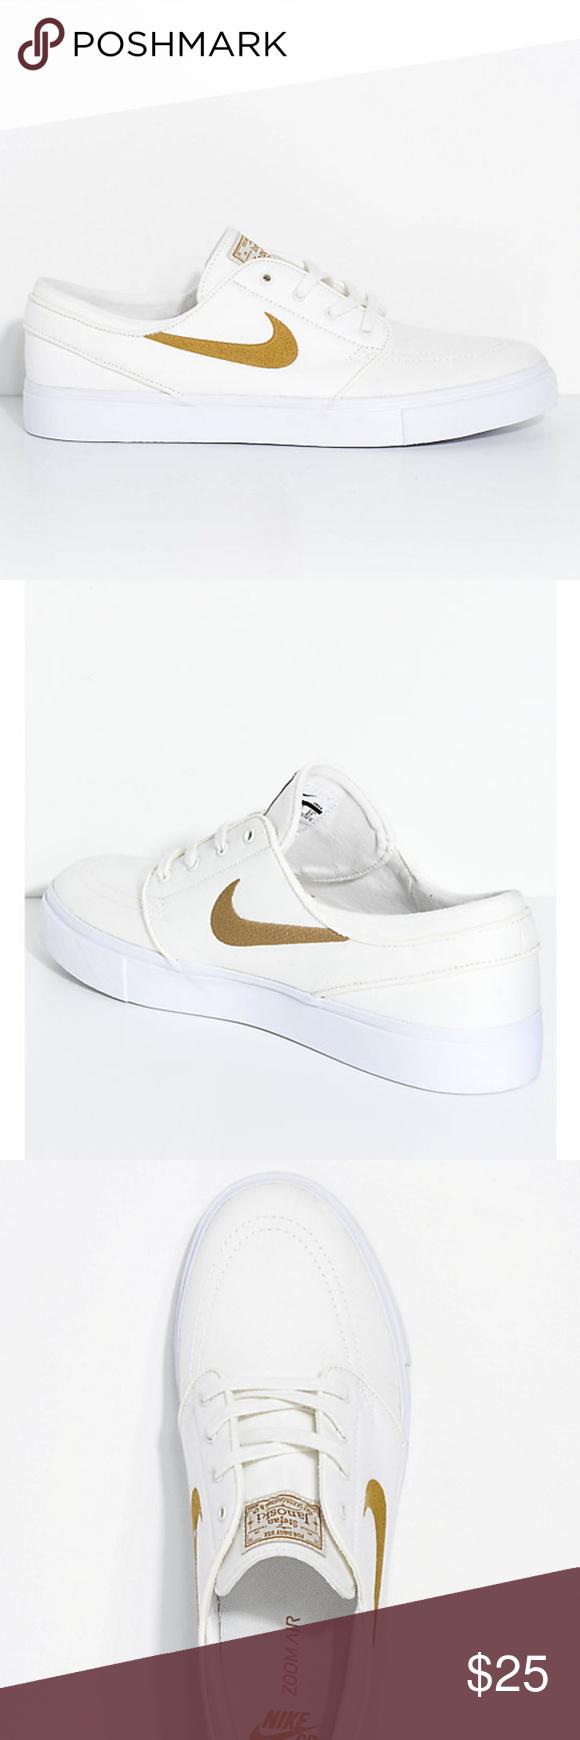 Nike SB Janoski White Sail/Golden Beige Shoes *New no box* *Slightly ...